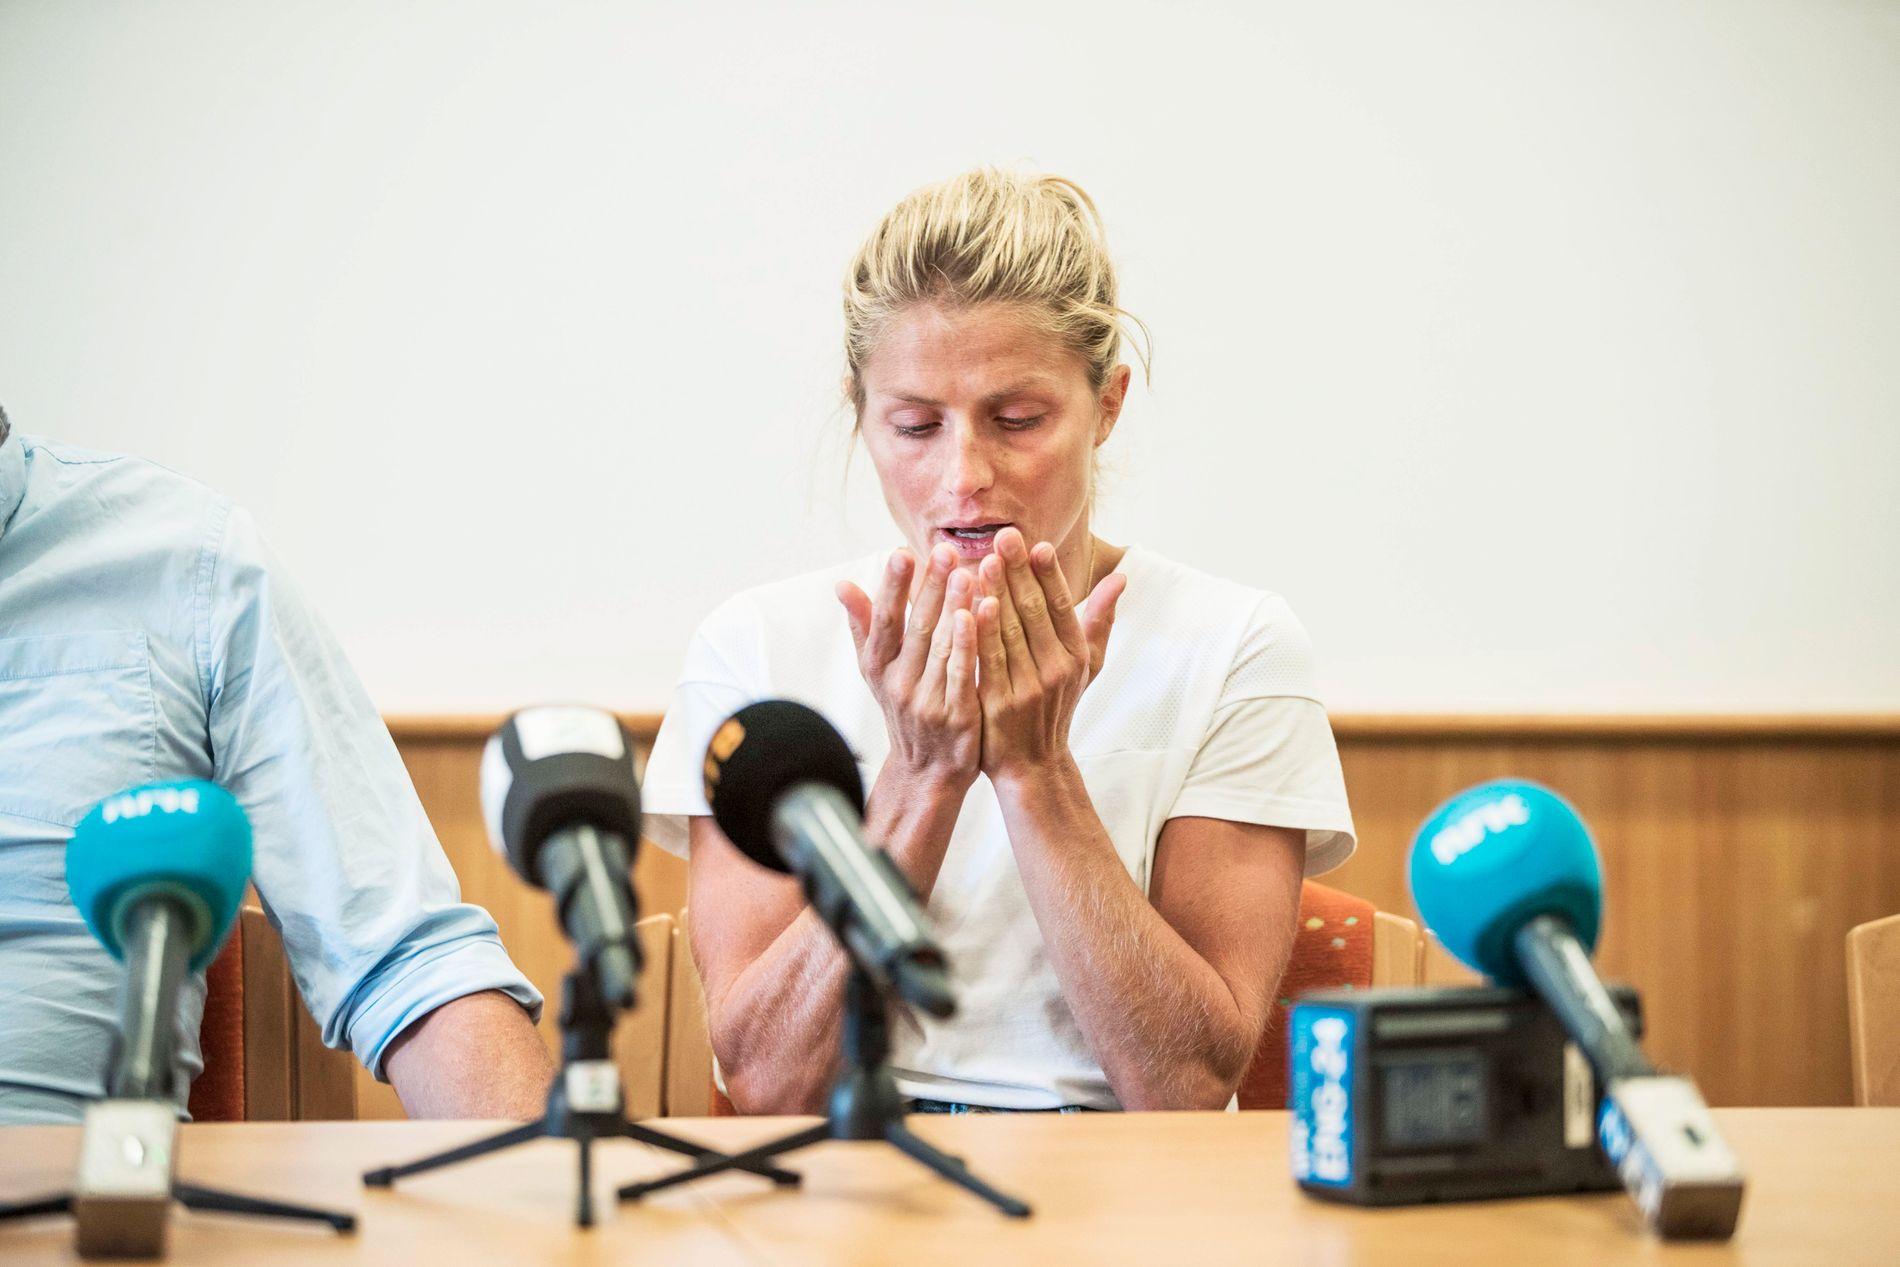 Therese Johaug møtte pressen i Seiser Alm tirsdag. Da var 29-åringen dypt fortvilet etter å ha blitt utestengt i 18 måneder ac CAS.